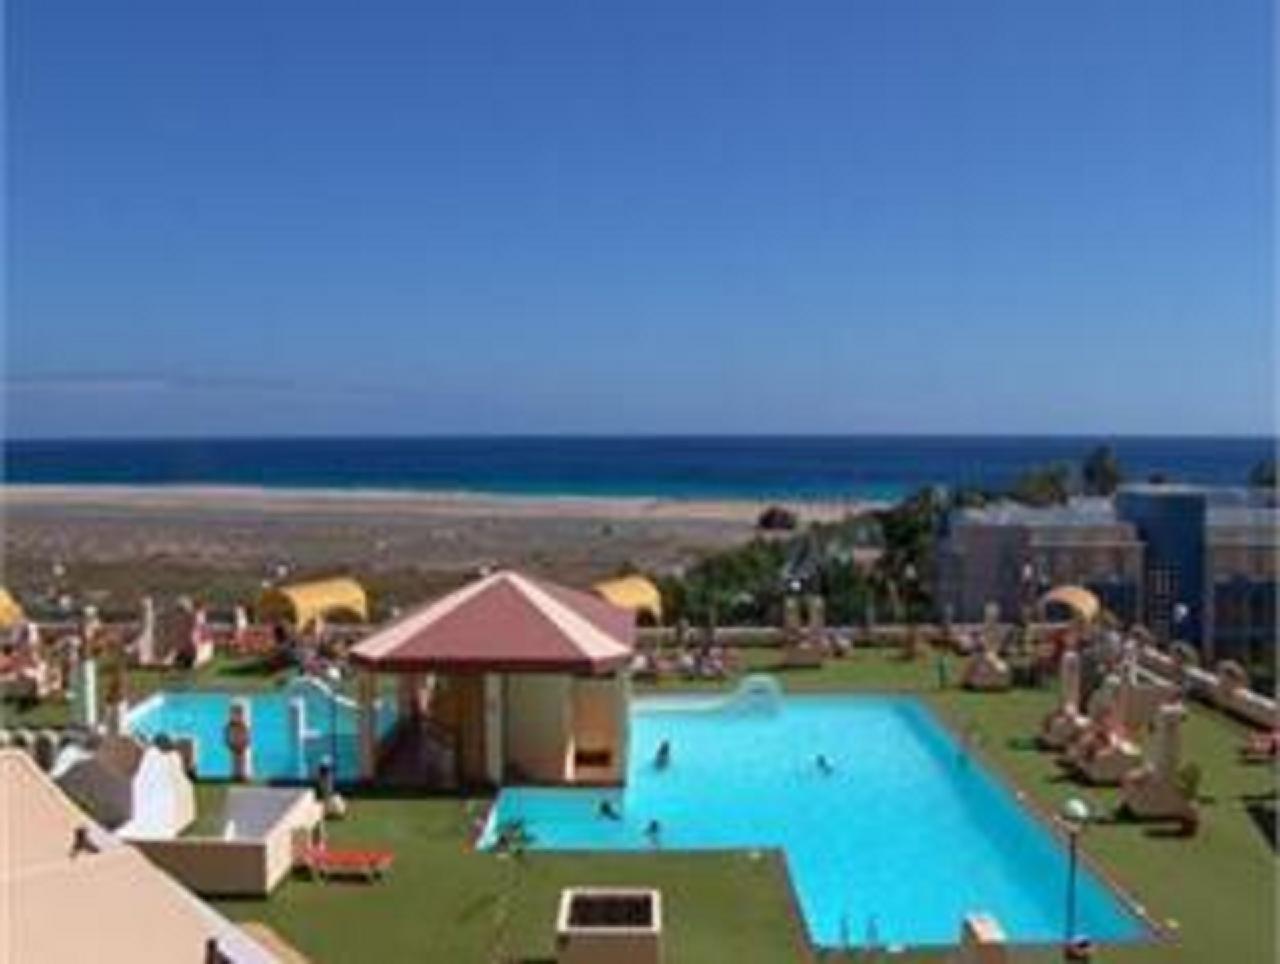 Ferienwohnung Apartment 2 / 4er Direkt am Meer, mit Blick auf den Strand, Schwimmbäder, ausgestattet. WI (634890), Morro Jable, Fuerteventura, Kanarische Inseln, Spanien, Bild 16